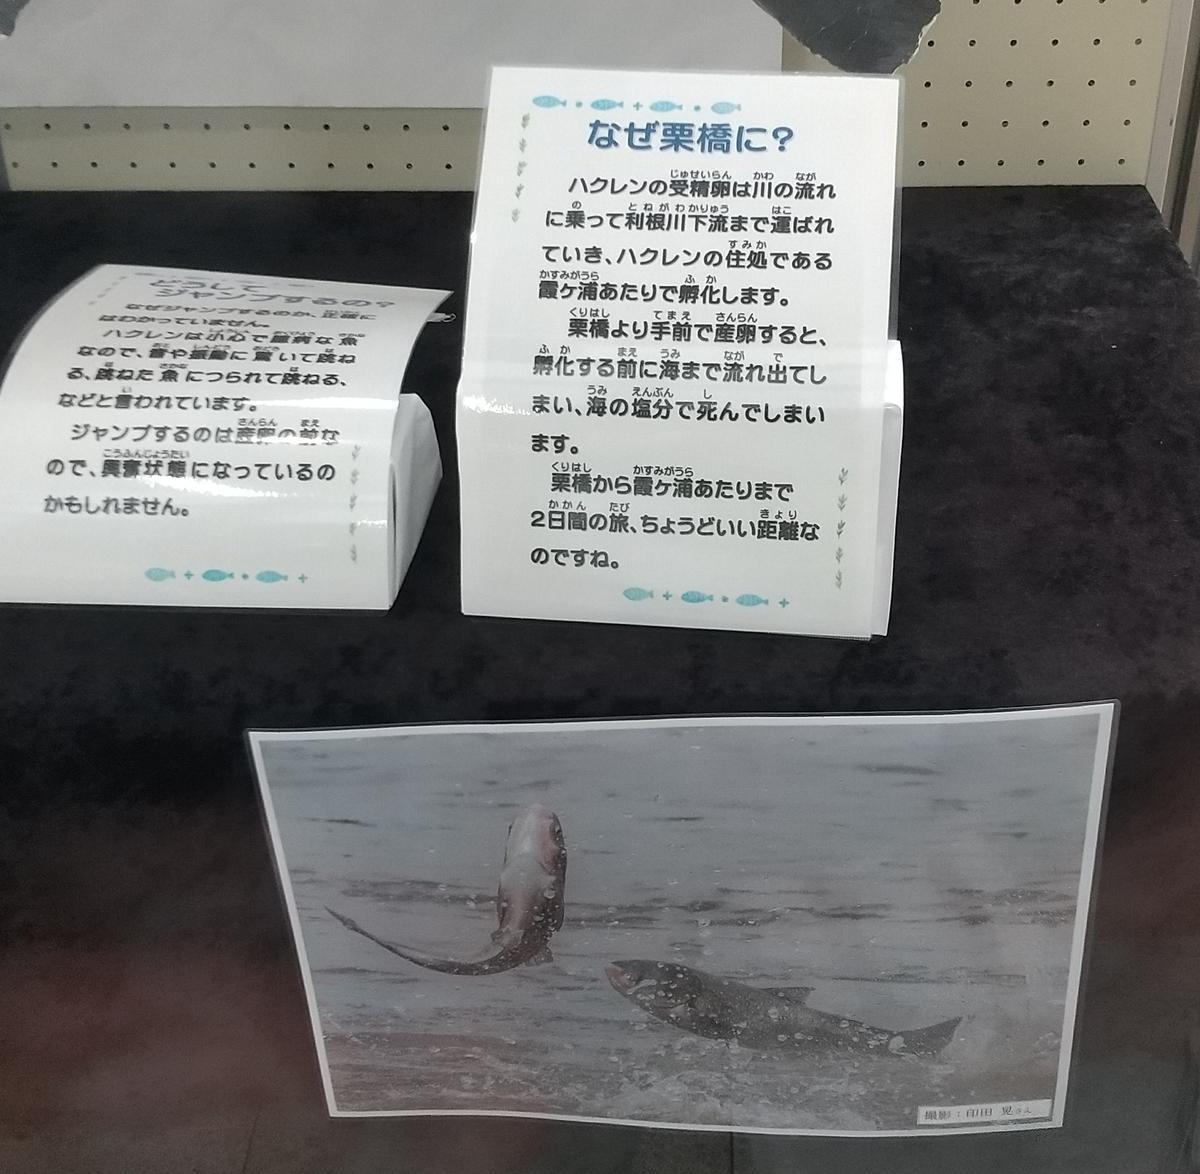 f:id:genta-san:20210605221902j:plain